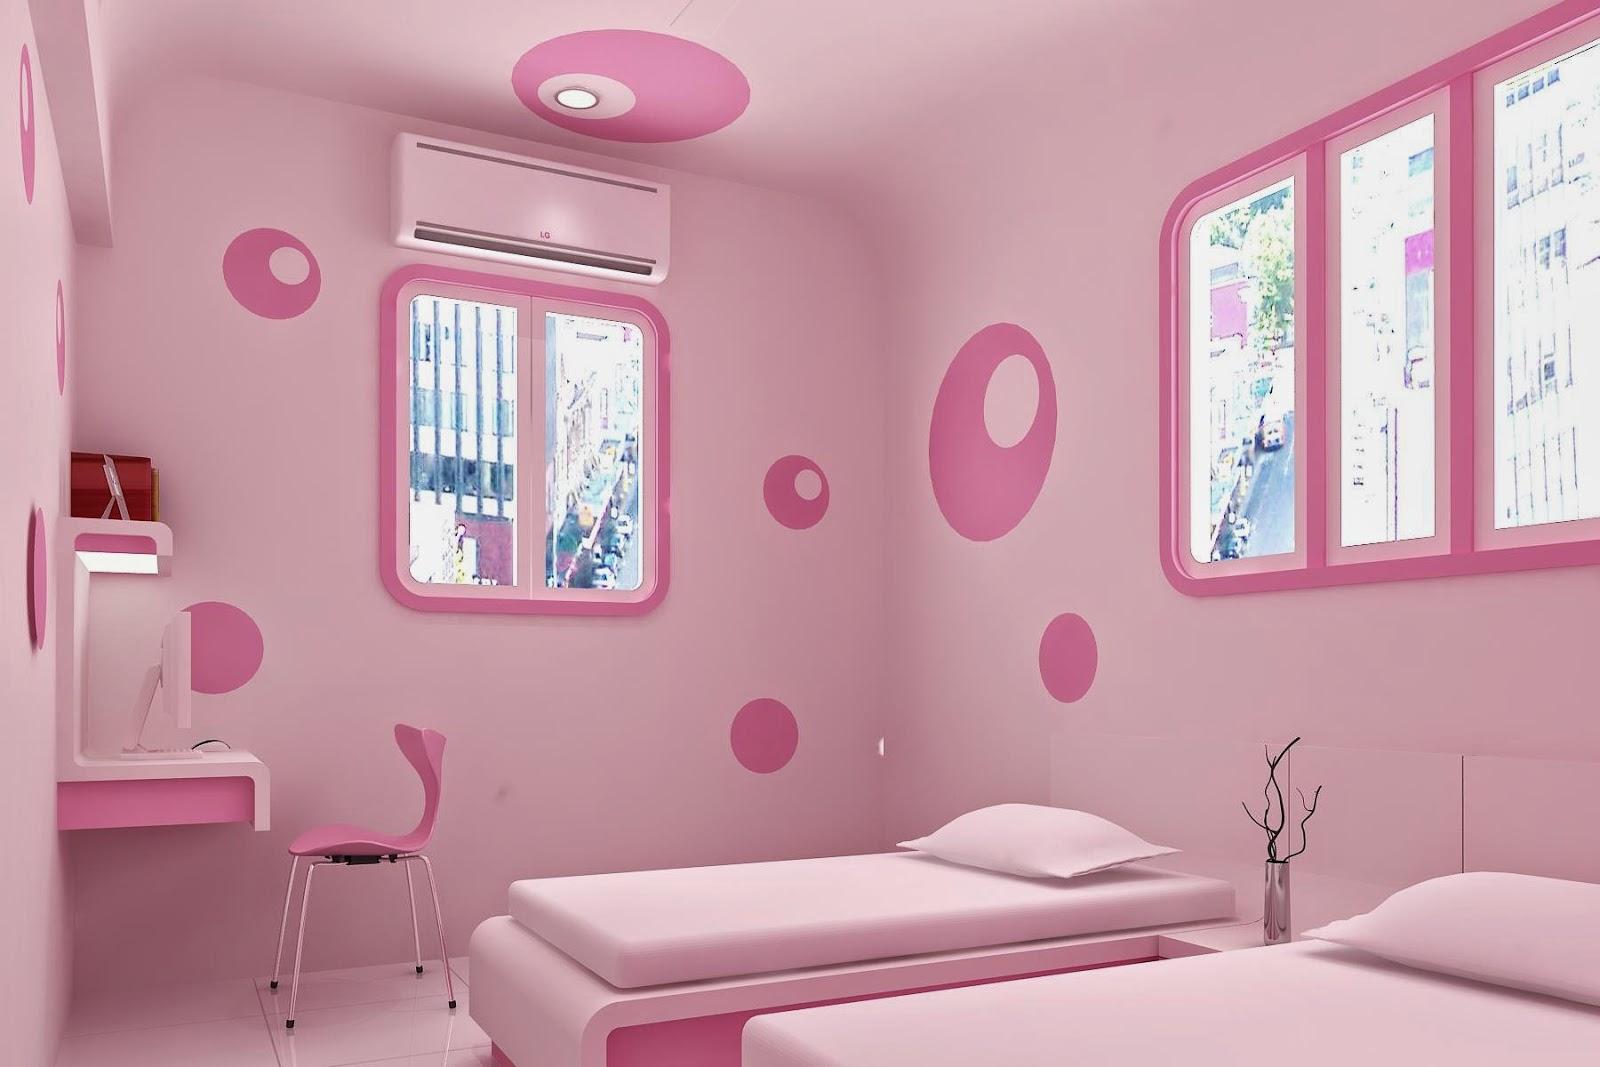 Dormitorio rosado recamara rosado pink debroom for Recamaras rosas